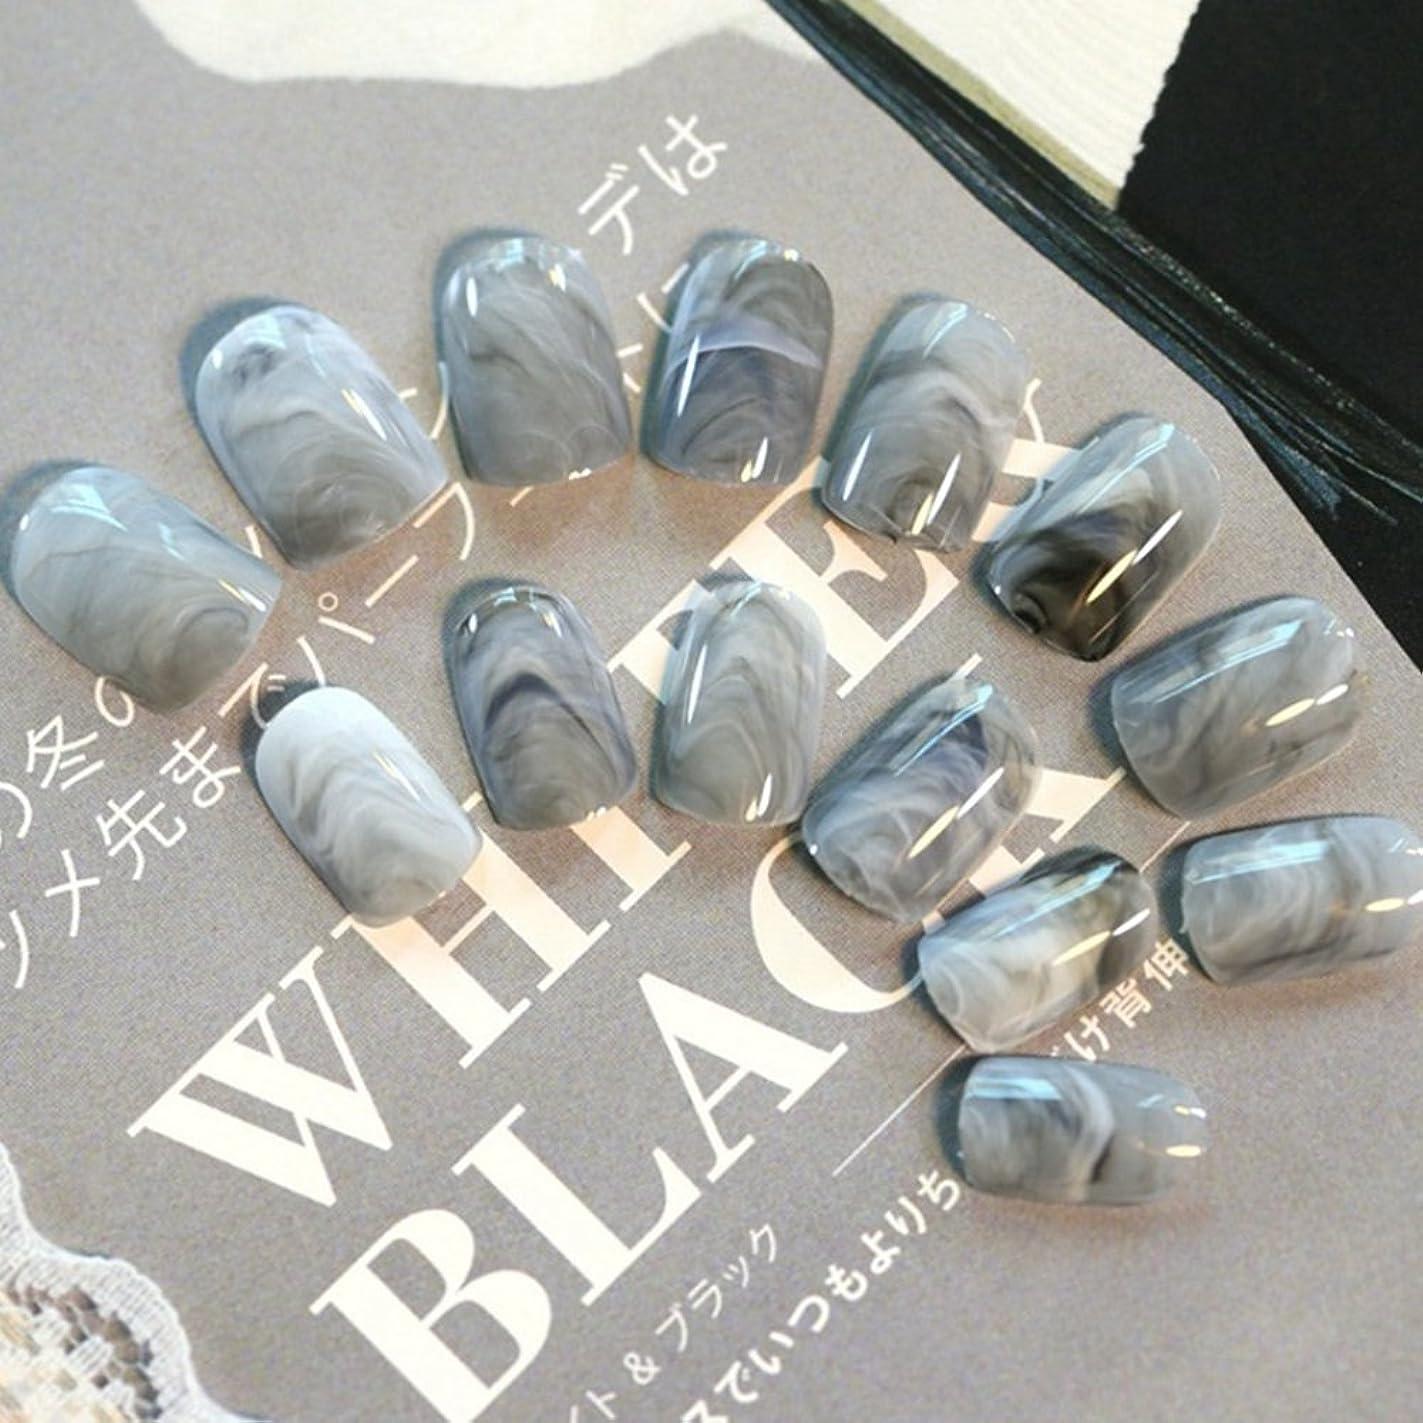 意識的免除するオズワルド24pcsグレー大理石の指の先端短い偽の爪アクリルフルカバーネイル